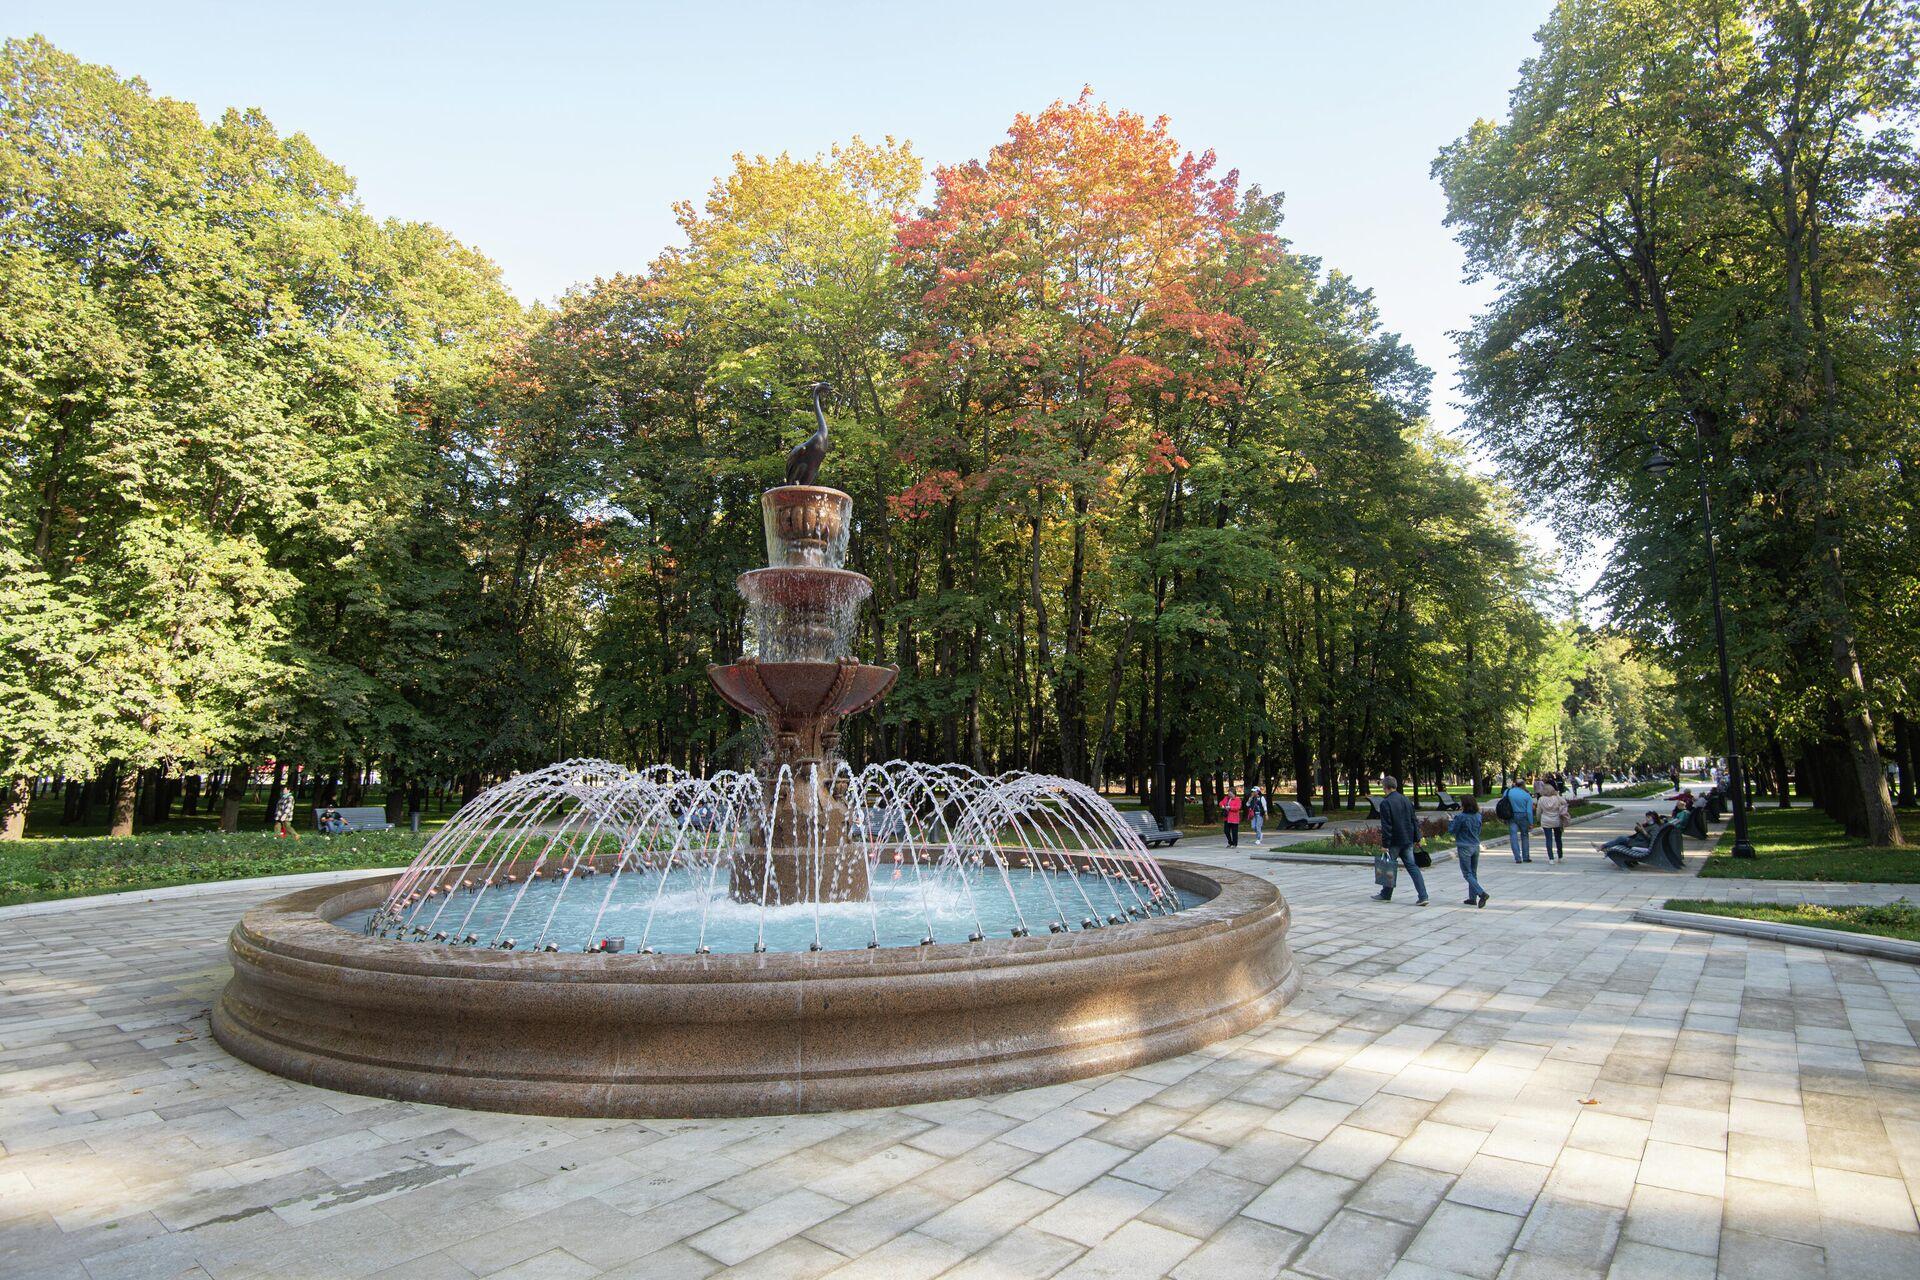 Восстановленный исторический фонтан в парке Северного речного вокзала - РИА Новости, 1920, 14.10.2020